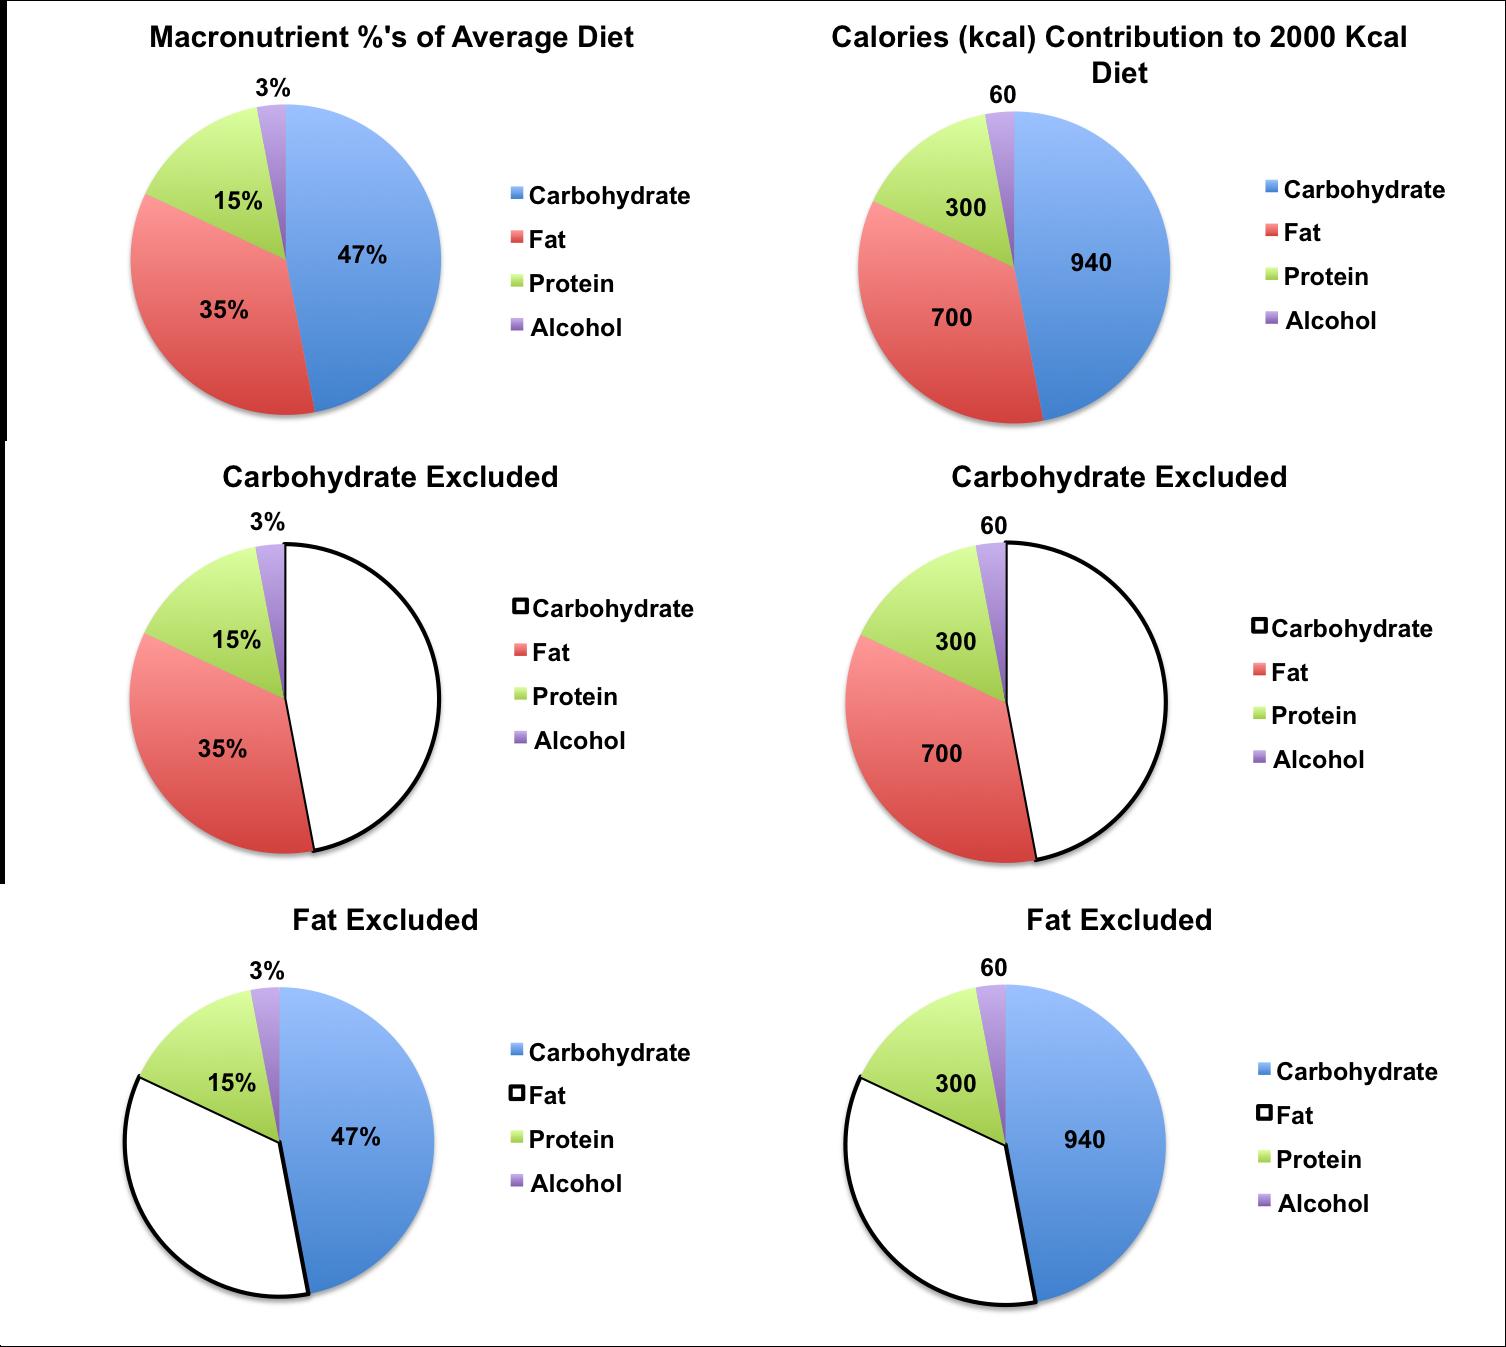 Macronutrient Percentages of American Diet